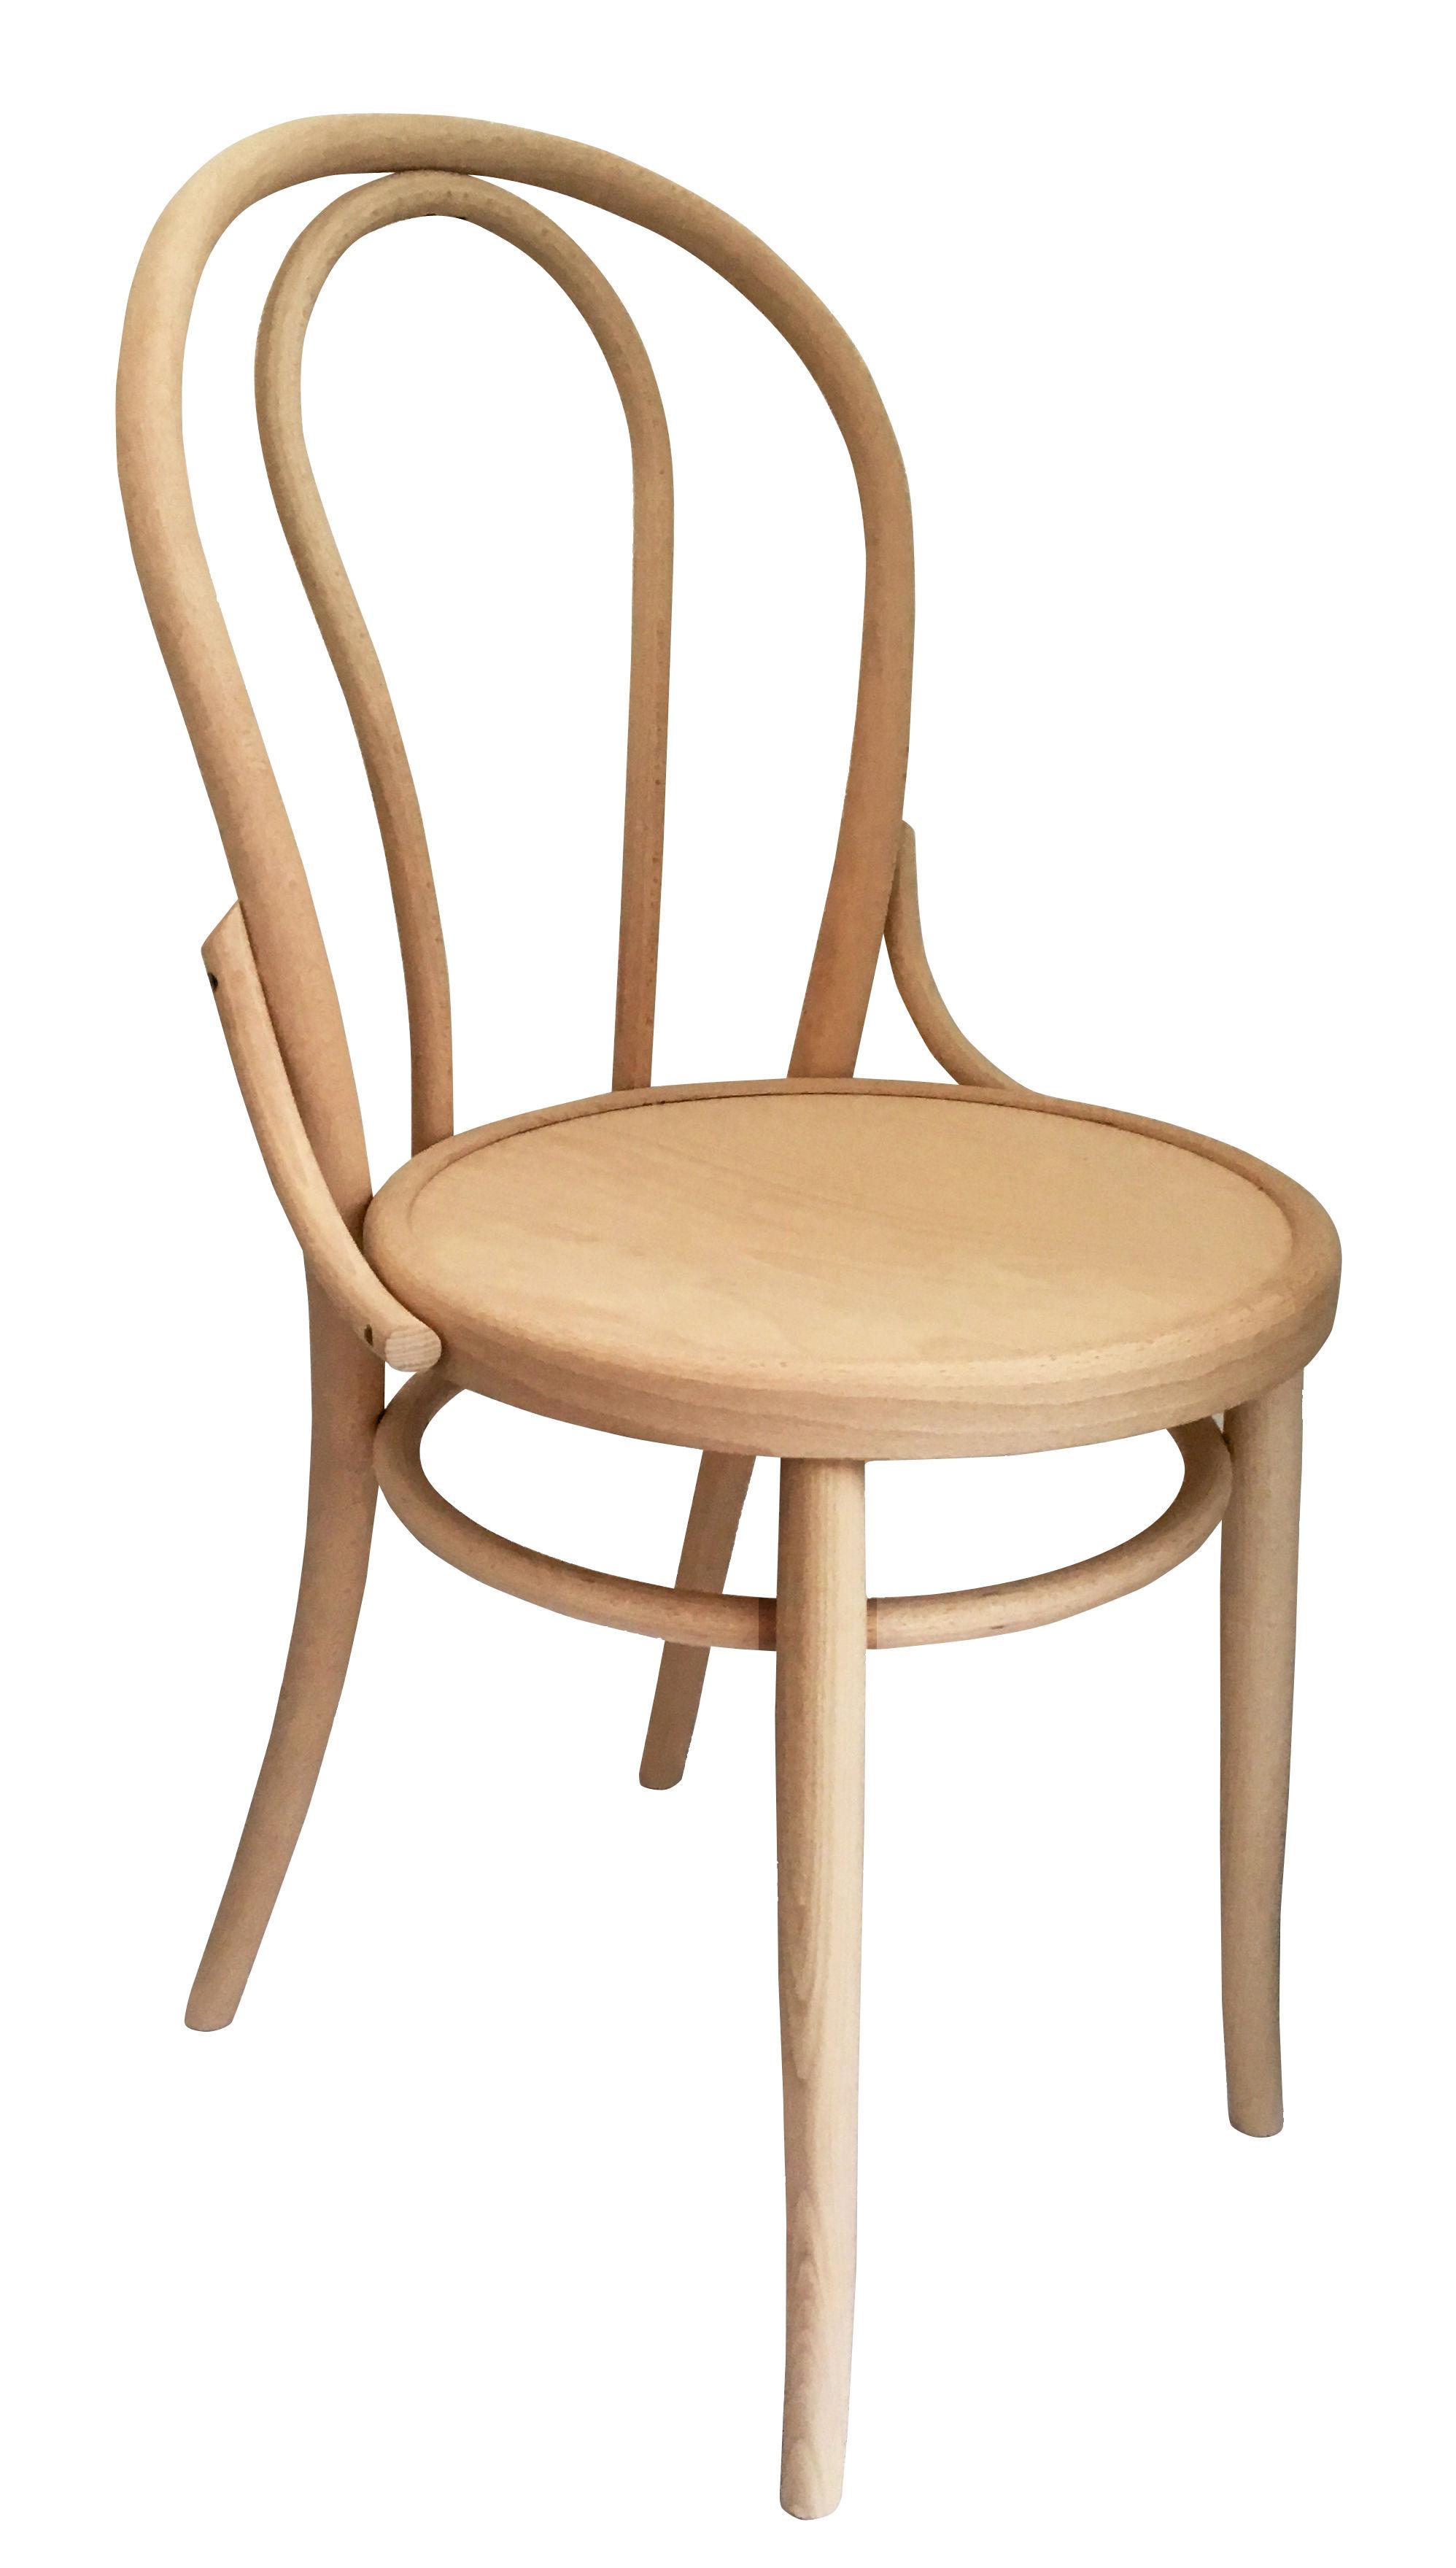 Arredamento - Sedie  - Sedia N° 18 - / Riedizione 1876 di Wiener GTV Design - Legno naturale - Compensato di faggio, Faggio massello curvato